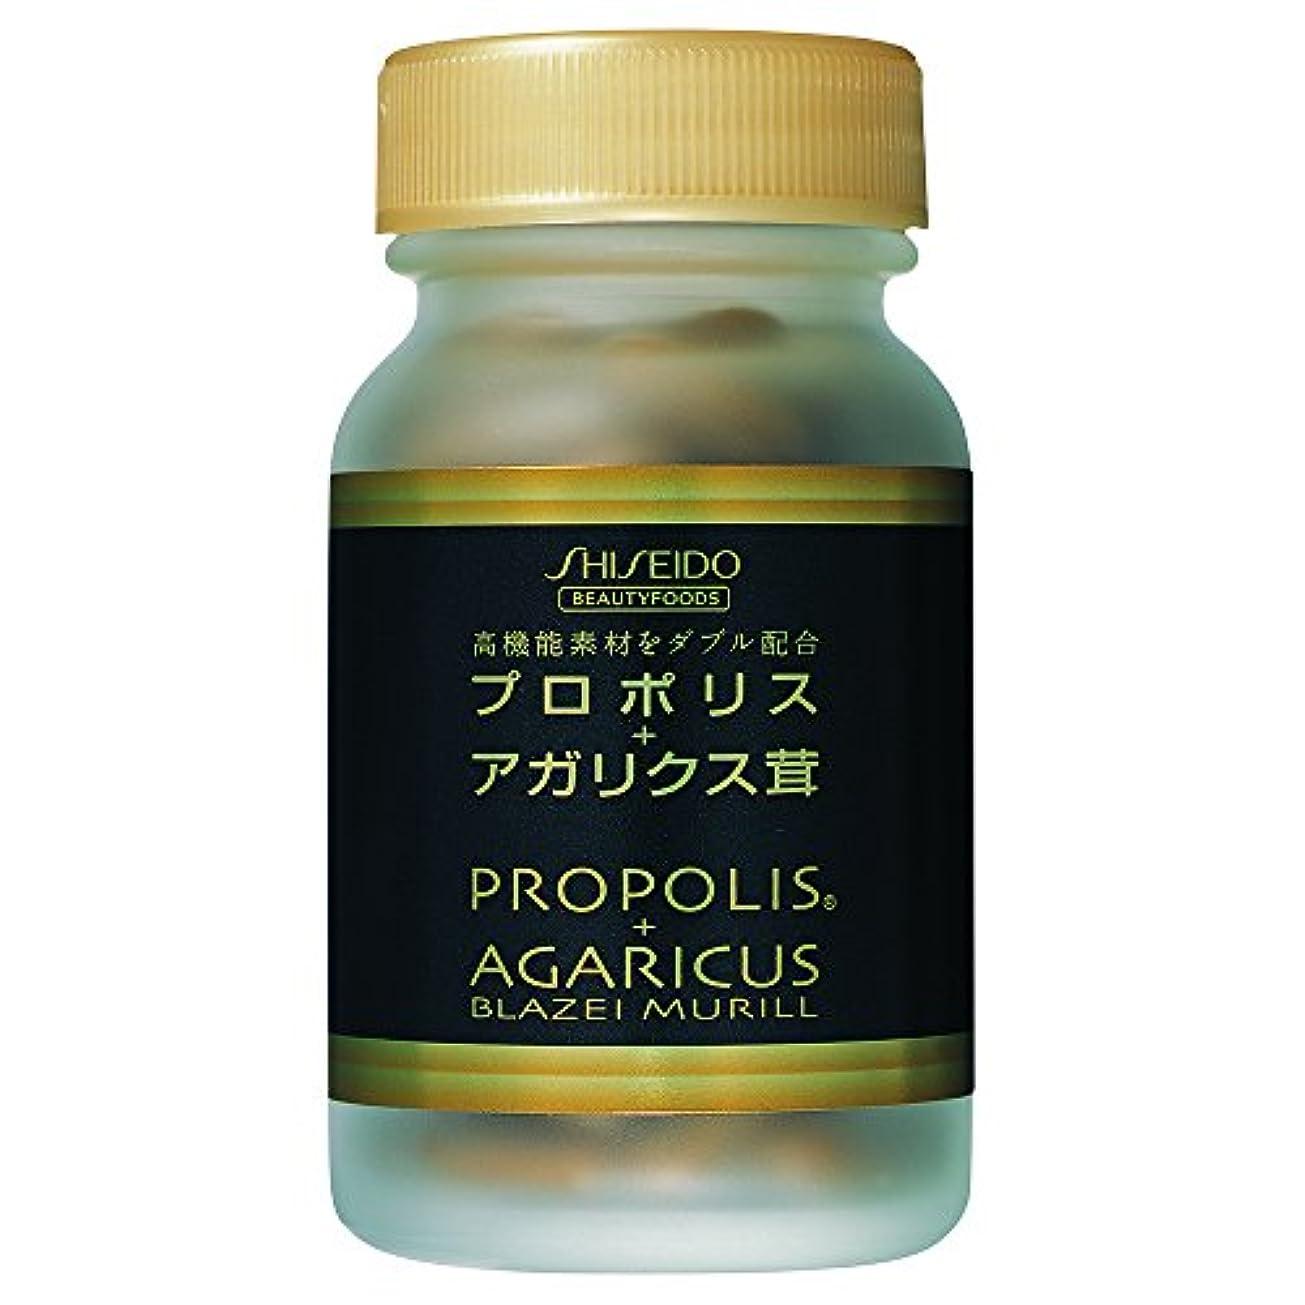 狐びっくり開発するプロポリス + アガリクス茸 (N) 90粒